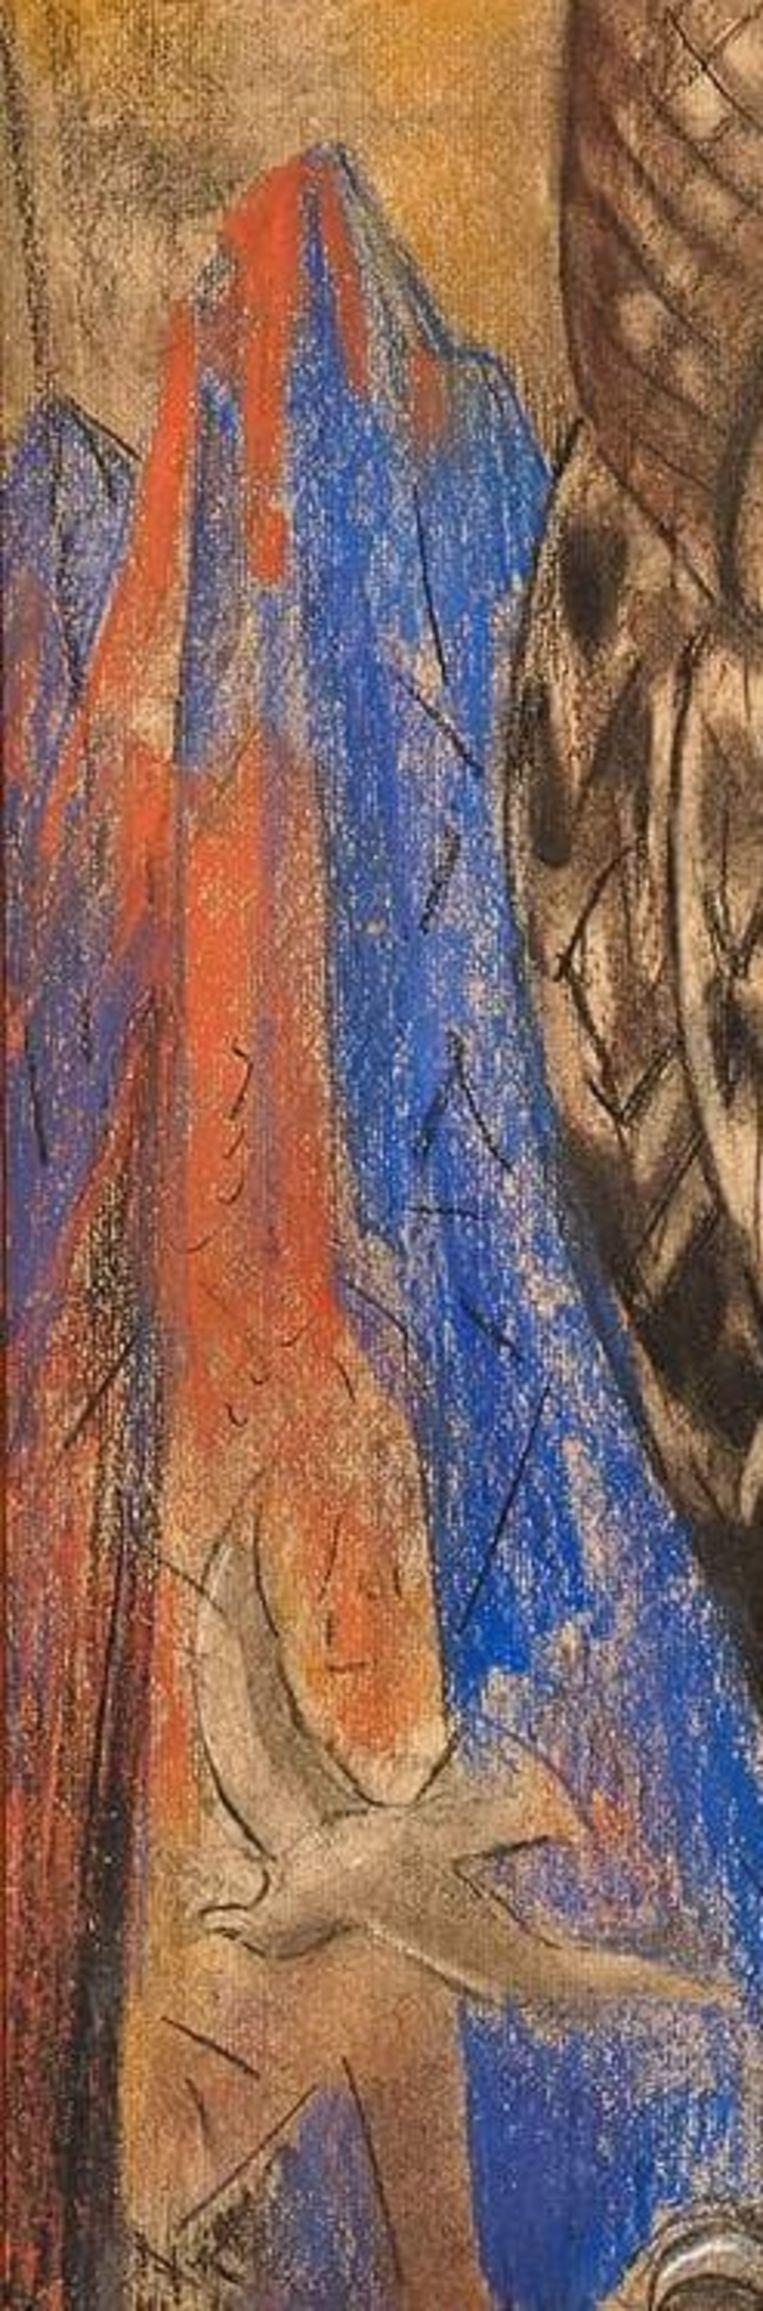 Van dhr. Bas van de Klundert, uit: Roofvogel, 1941, Willem van Konijnenburg, privé-collectie lezer Beeld collectie Van de Klundert